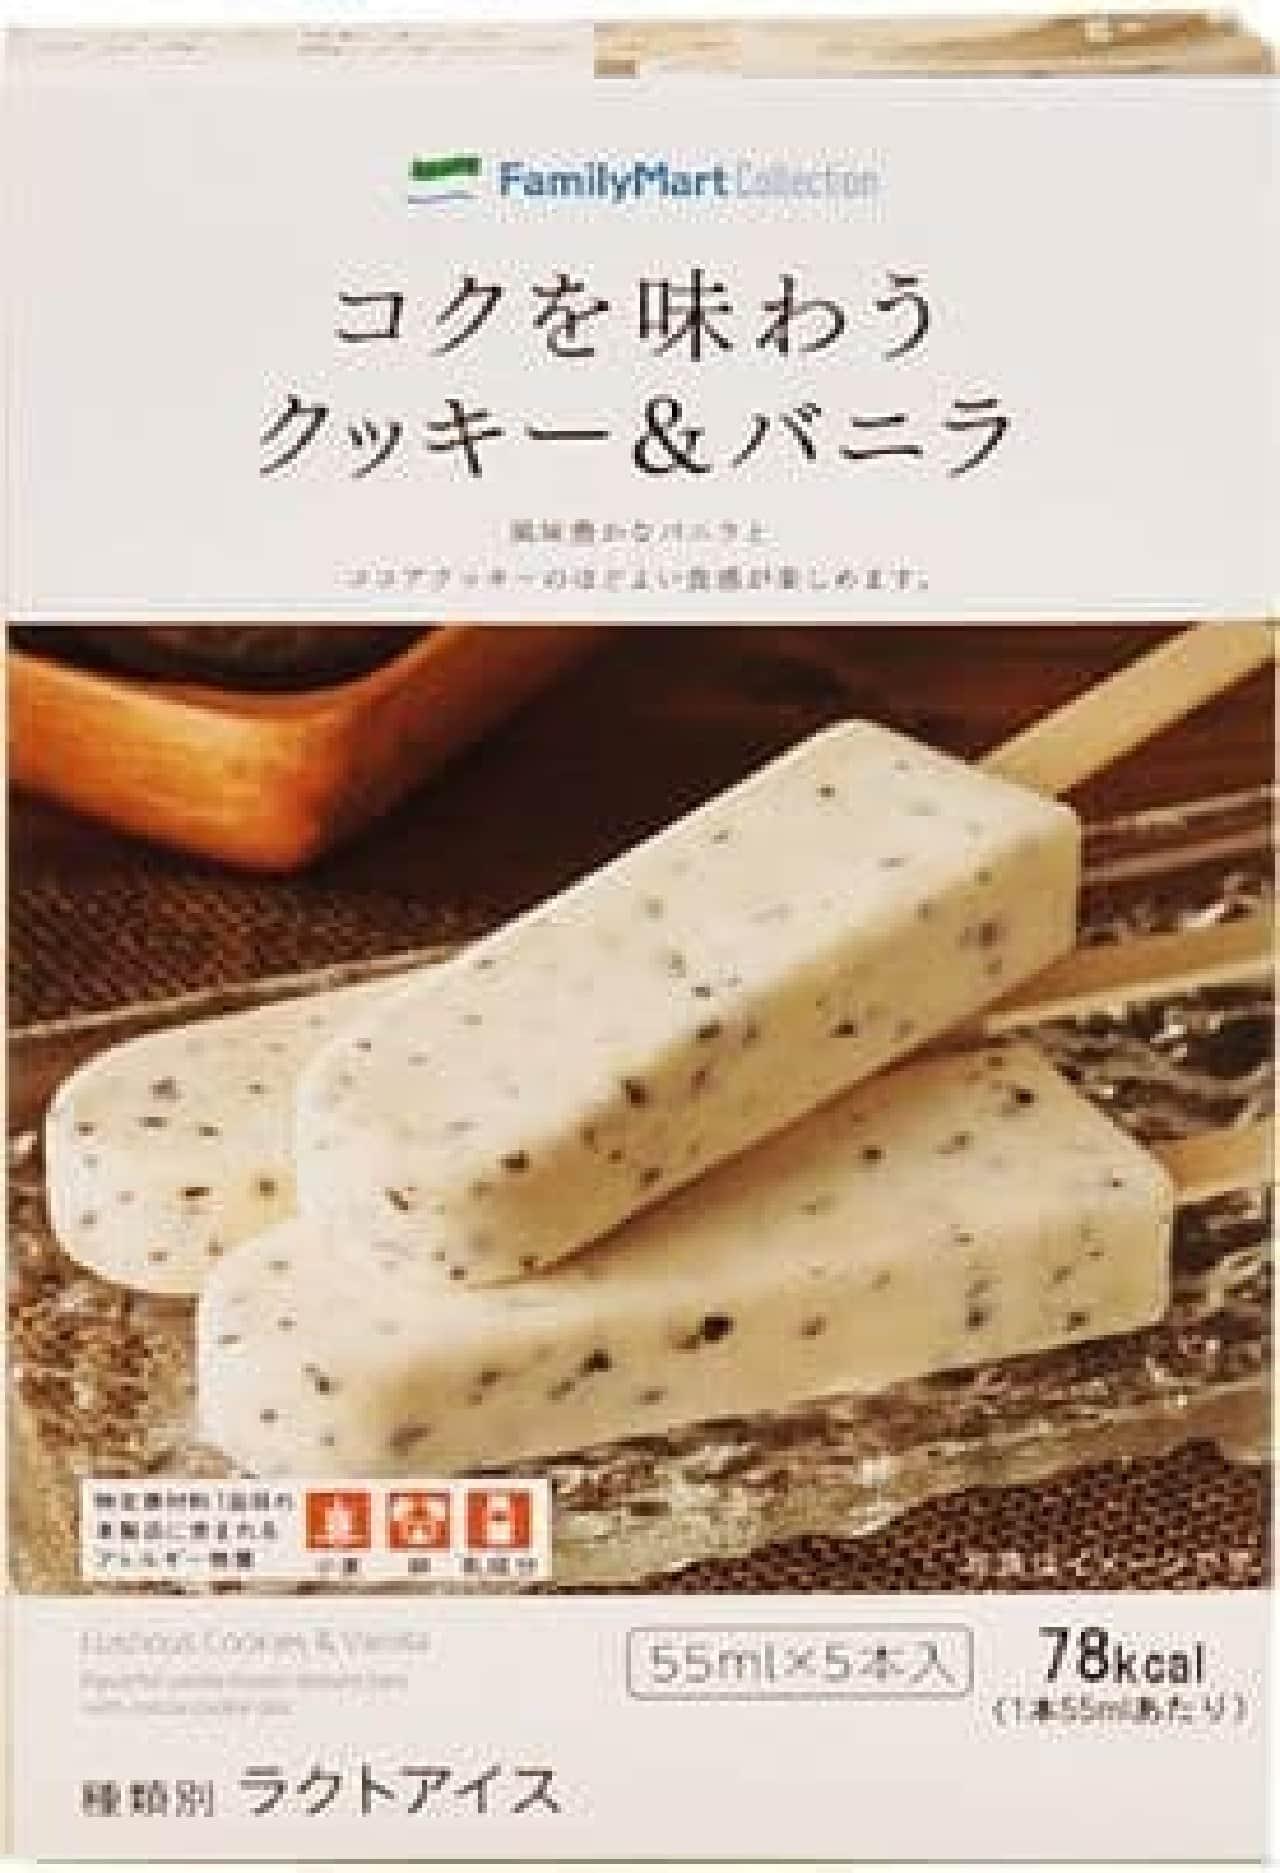 ファミリーマート「コクを味わうクッキー&バニラ マルチ」